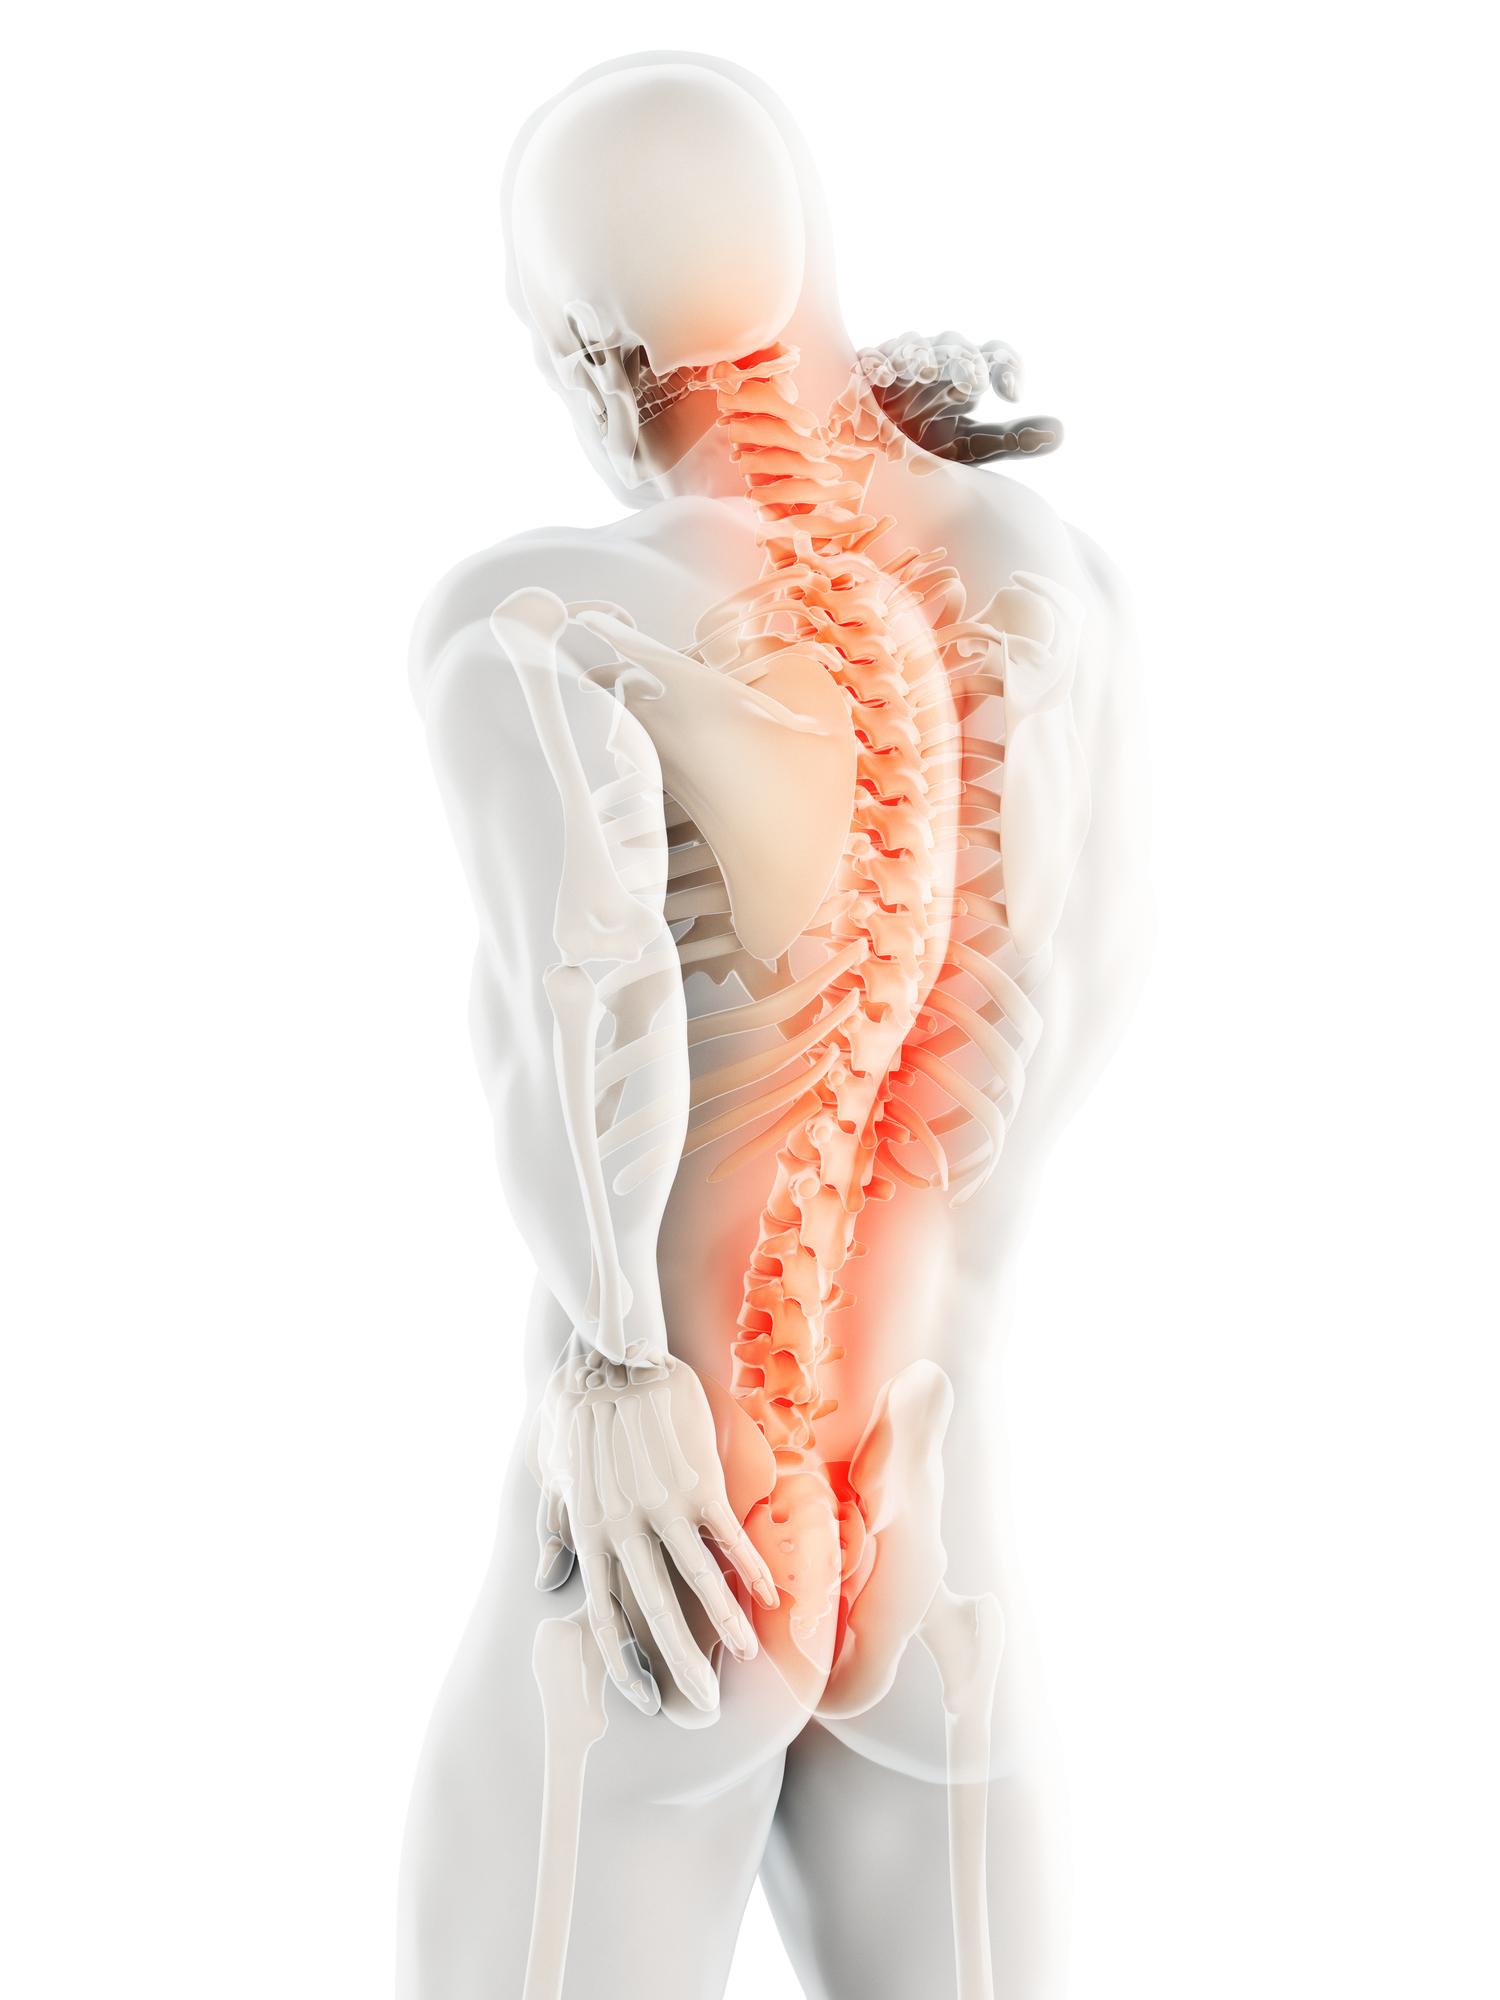 金光診療所では変形性脊椎症の検査・リハビリを行なっています。